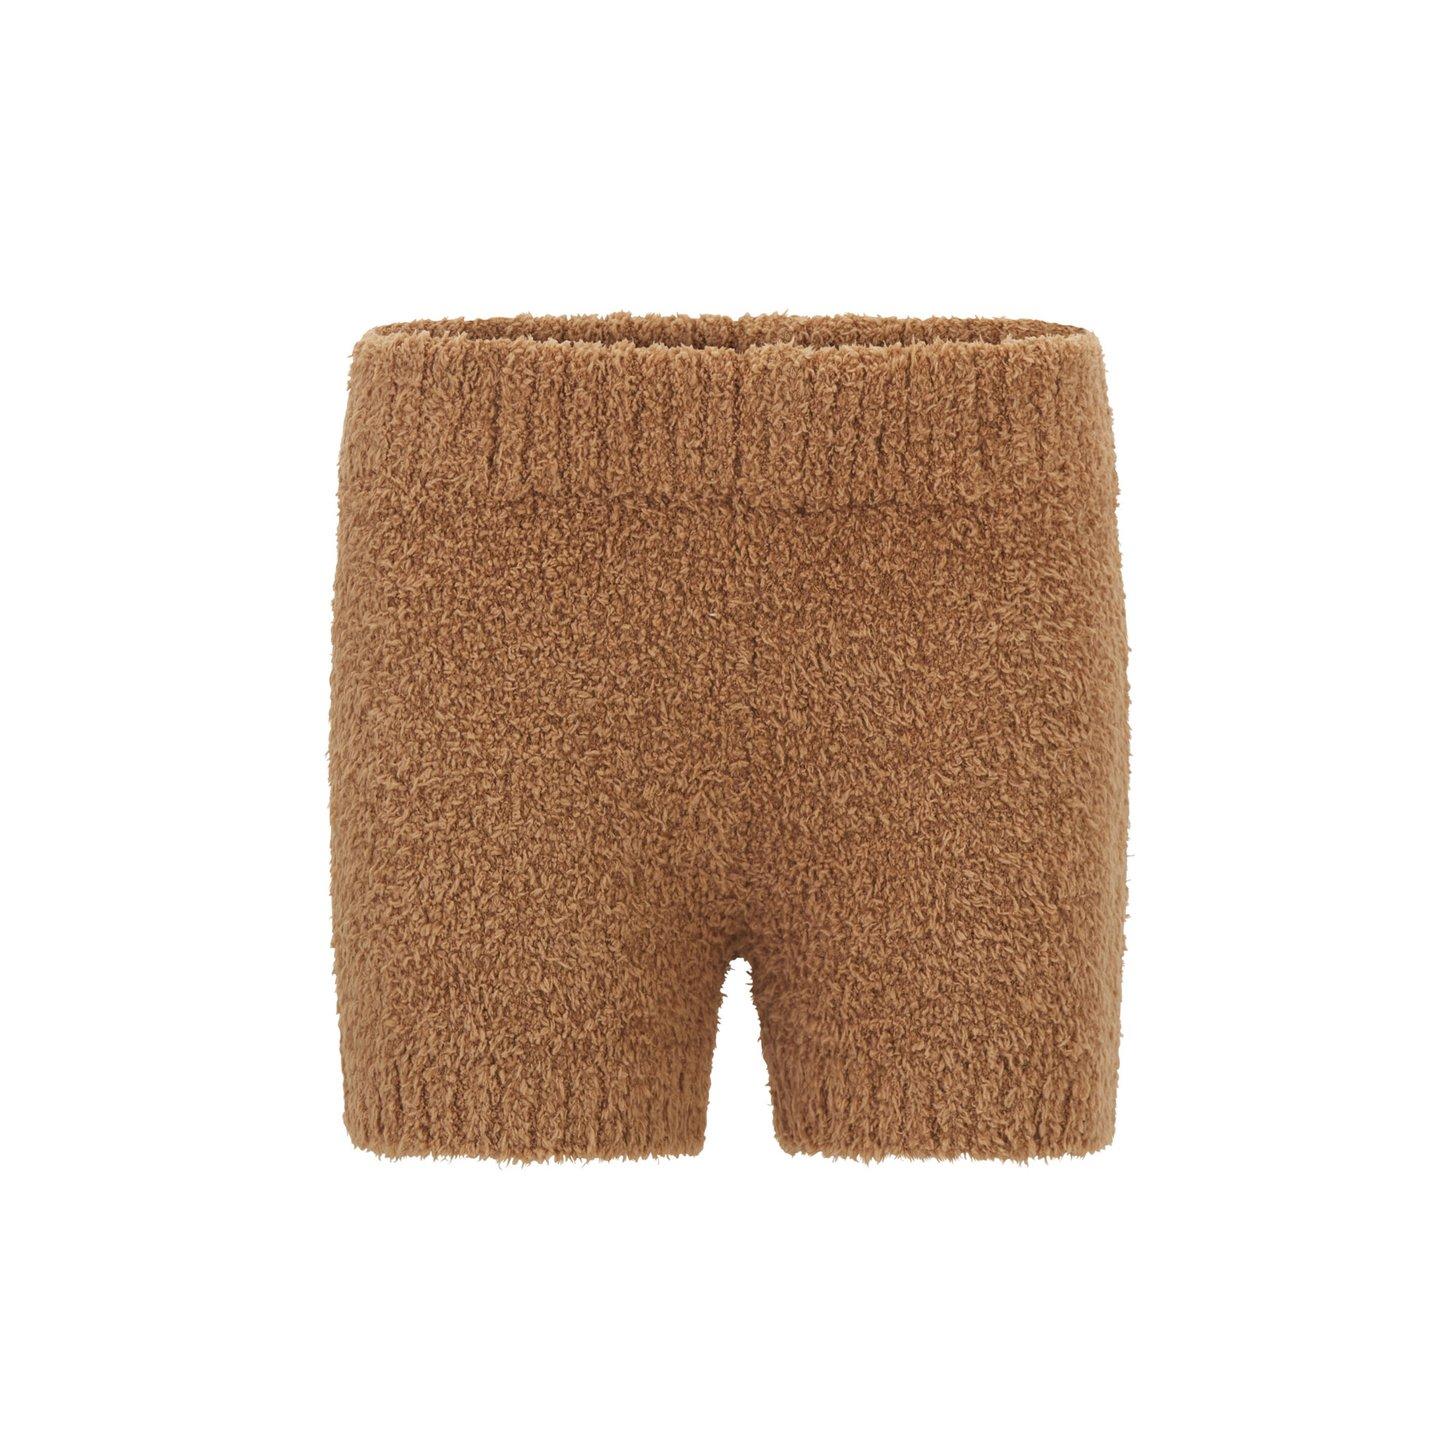 SKIMS kids cozy knit short